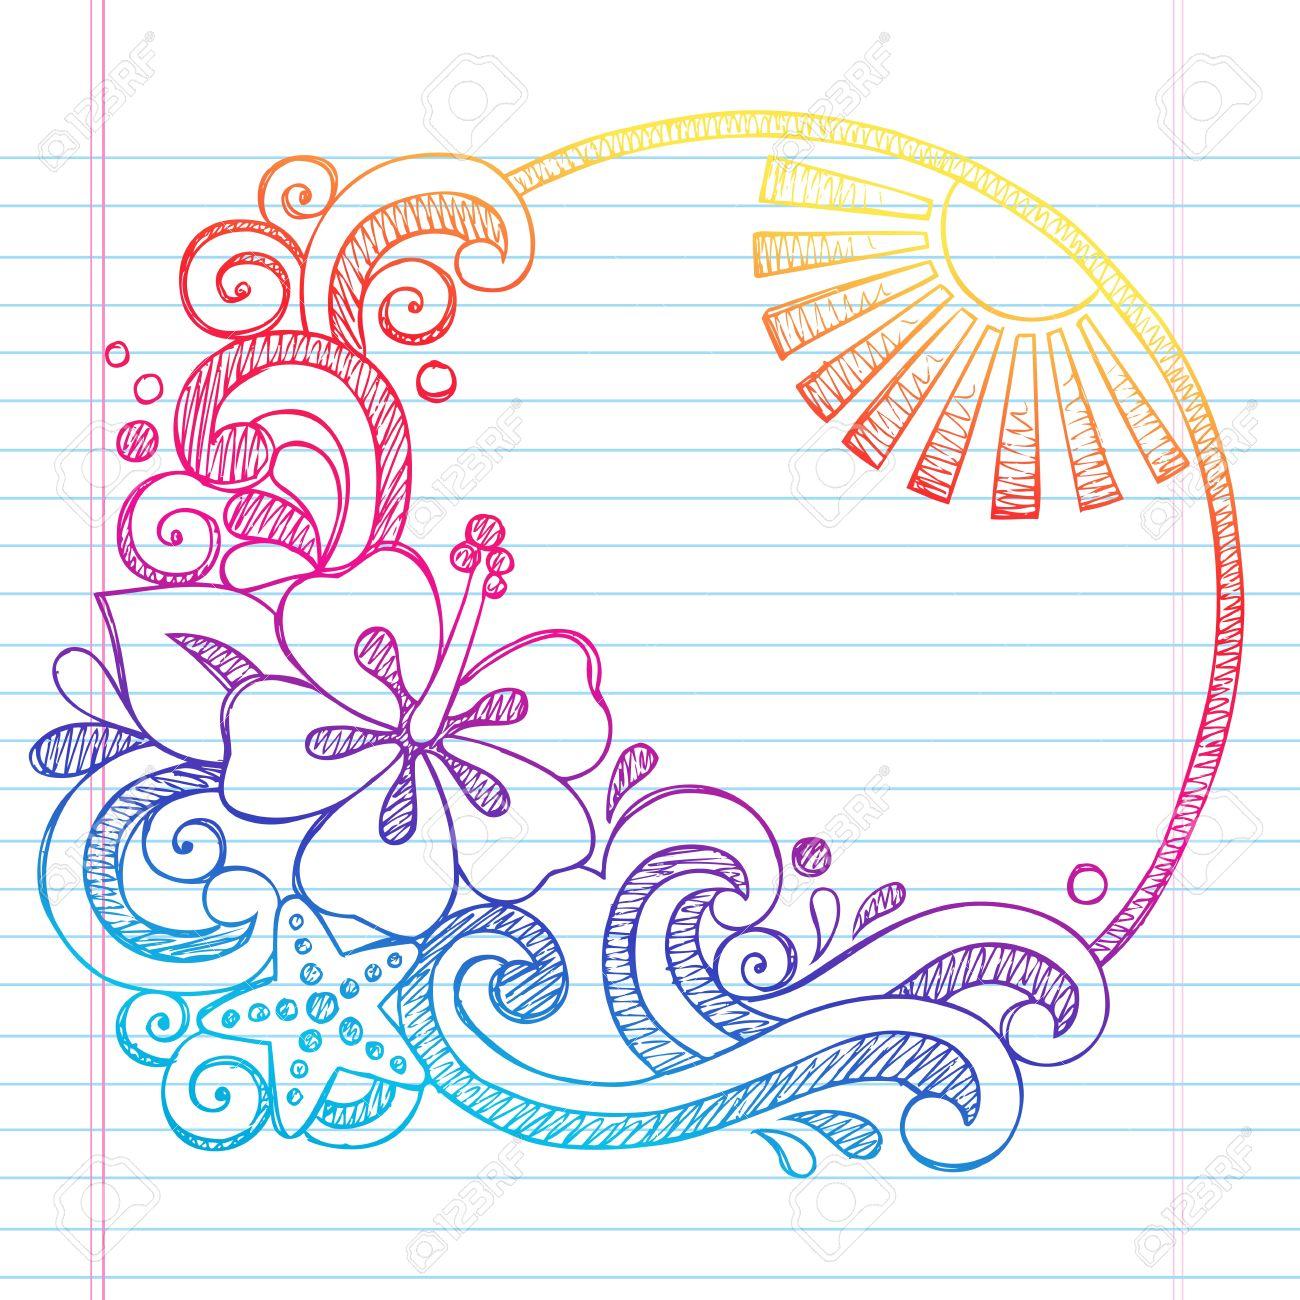 ハイビスカス花トロピカル ビーチ夏休み大ざっぱなノートの落書き 手書き